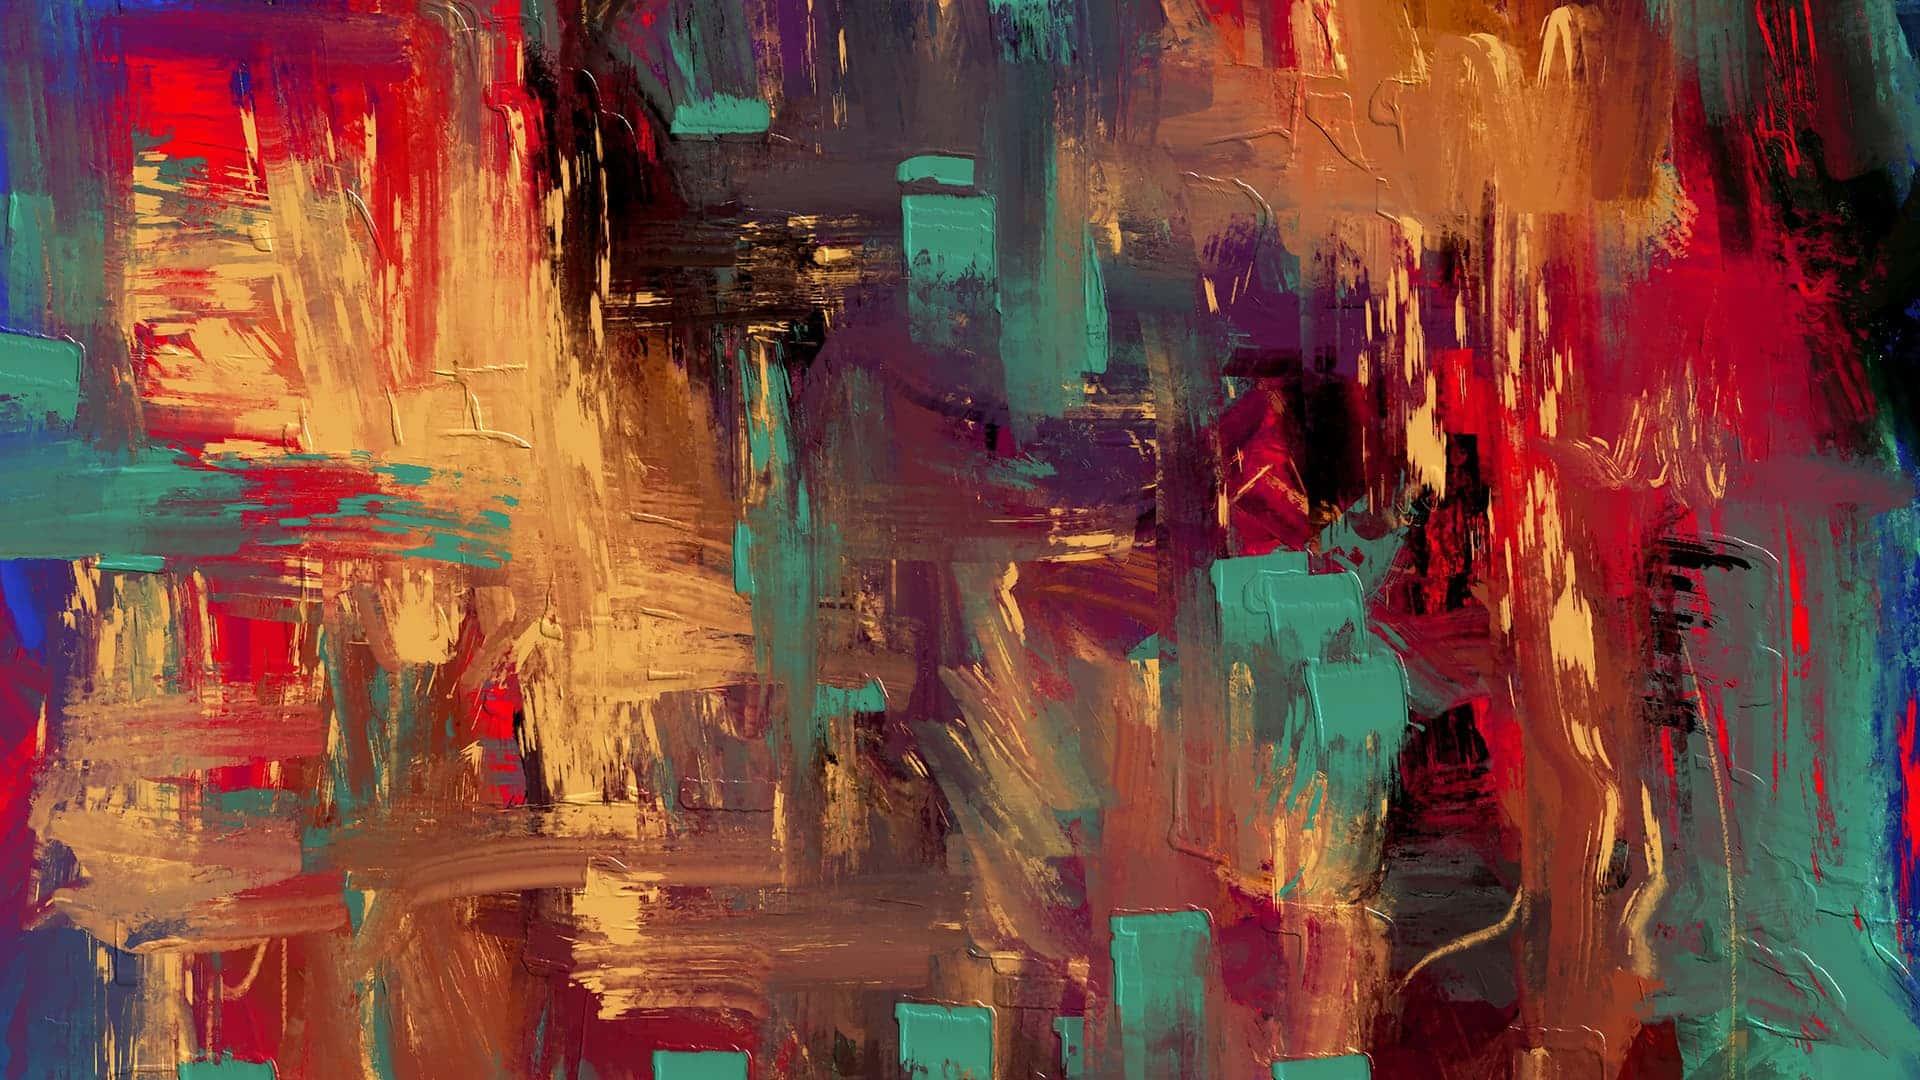 Rappresentazione di un quadro astratto colorato